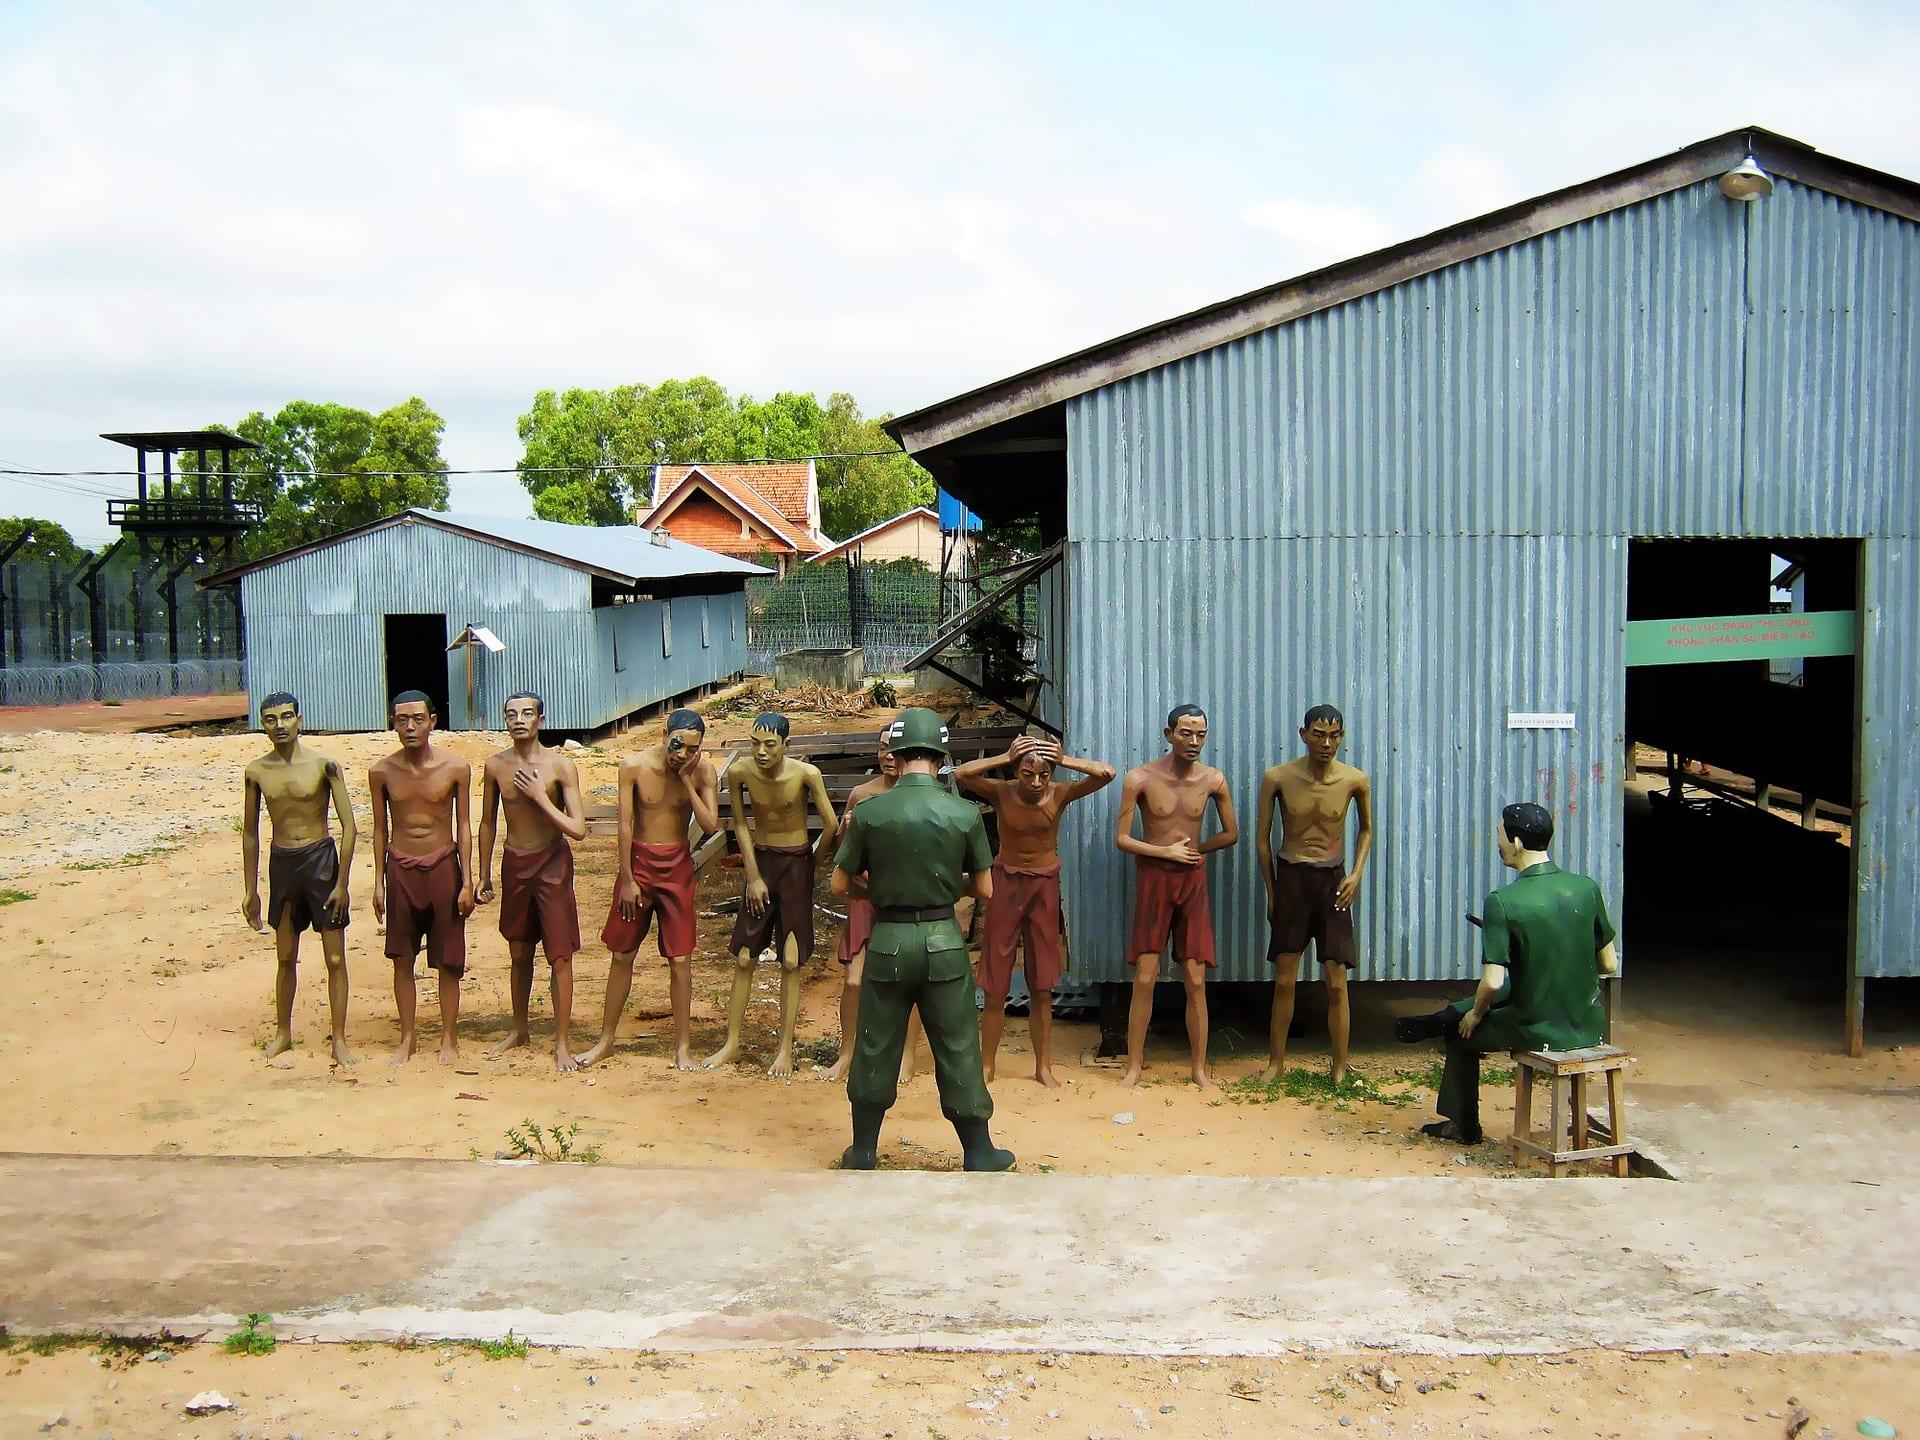 Visiting Phu Quoc Prison